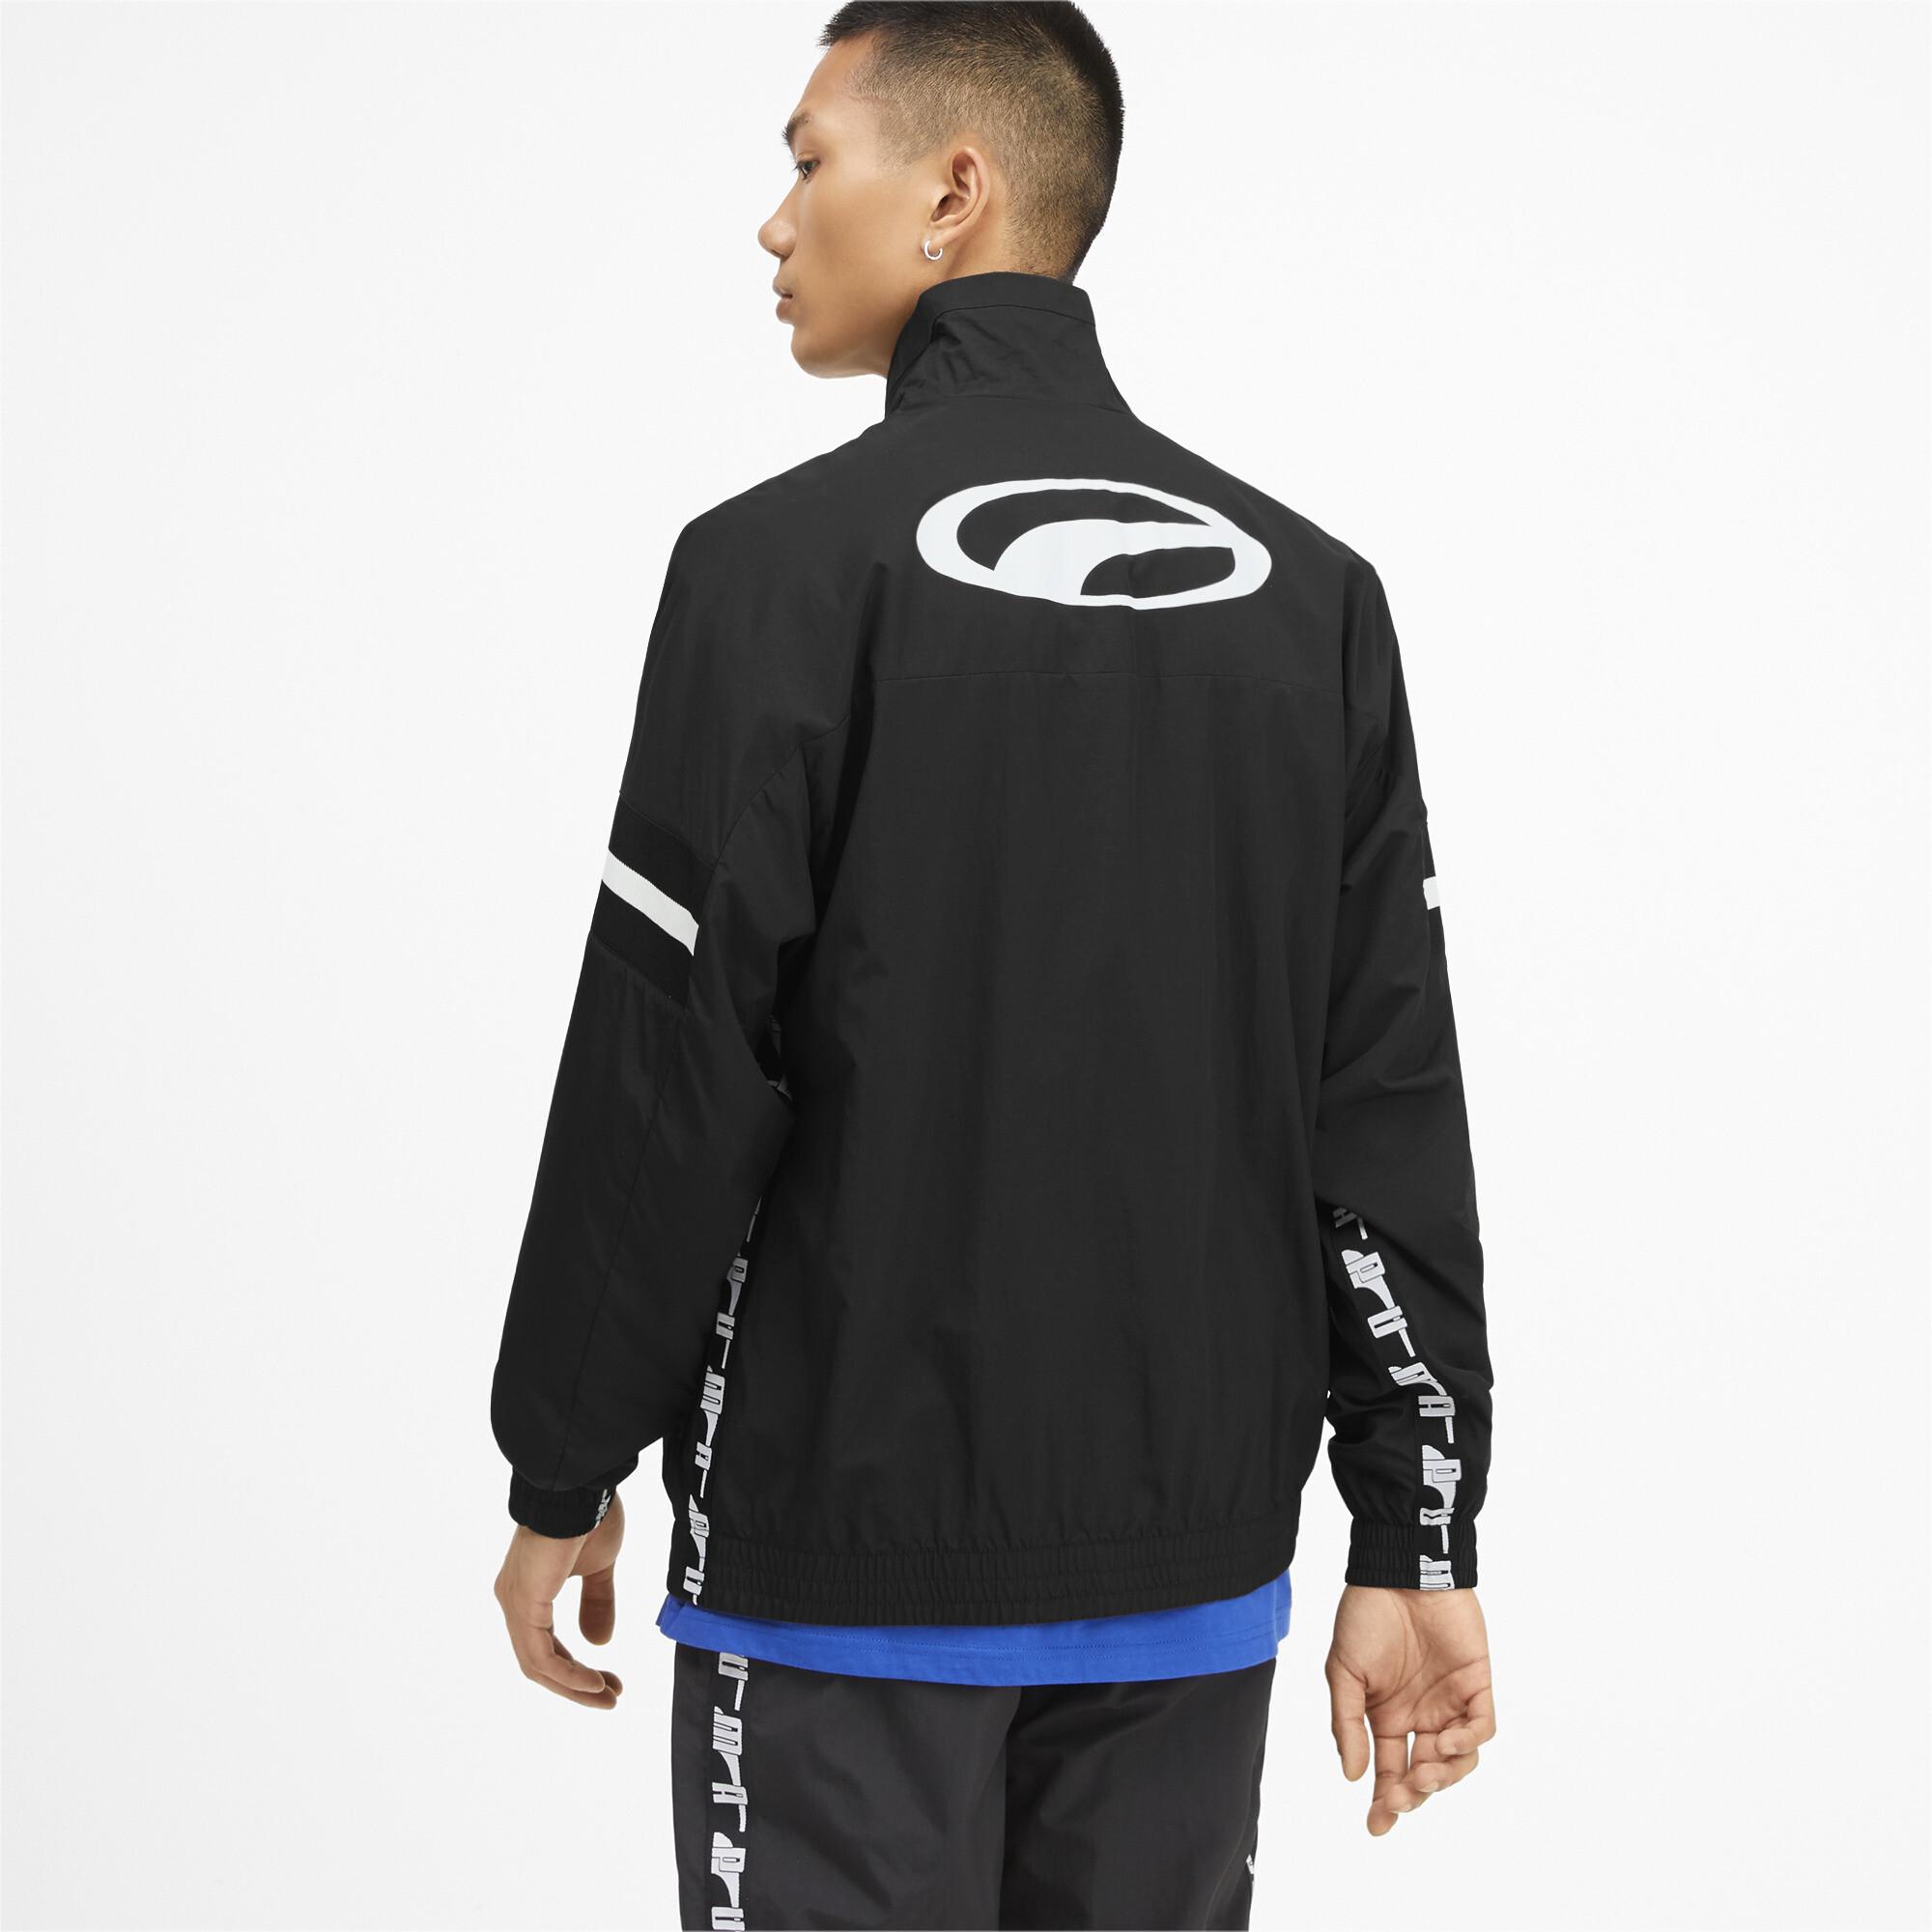 PUMA-PUMA-XTG-Men-039-s-Woven-Jacket-Men-Track-Jacket-Sport-Classics thumbnail 10